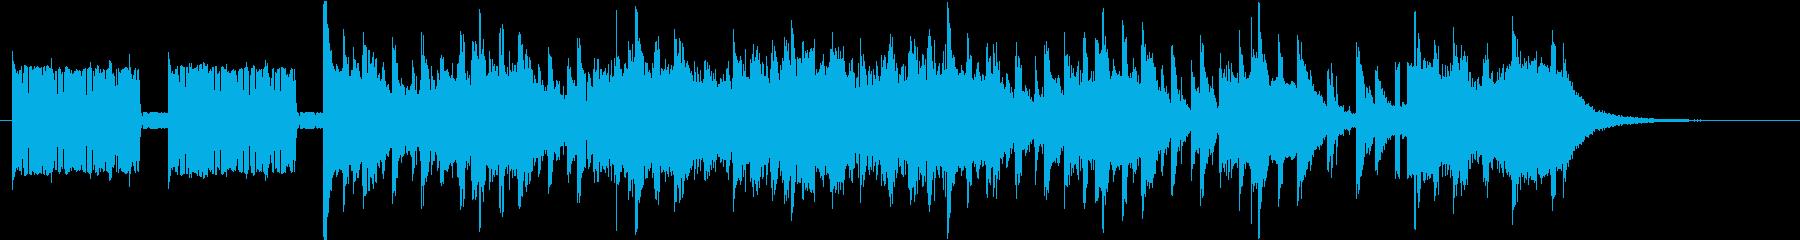 報道や情報番組風のデジタルサウンドの再生済みの波形